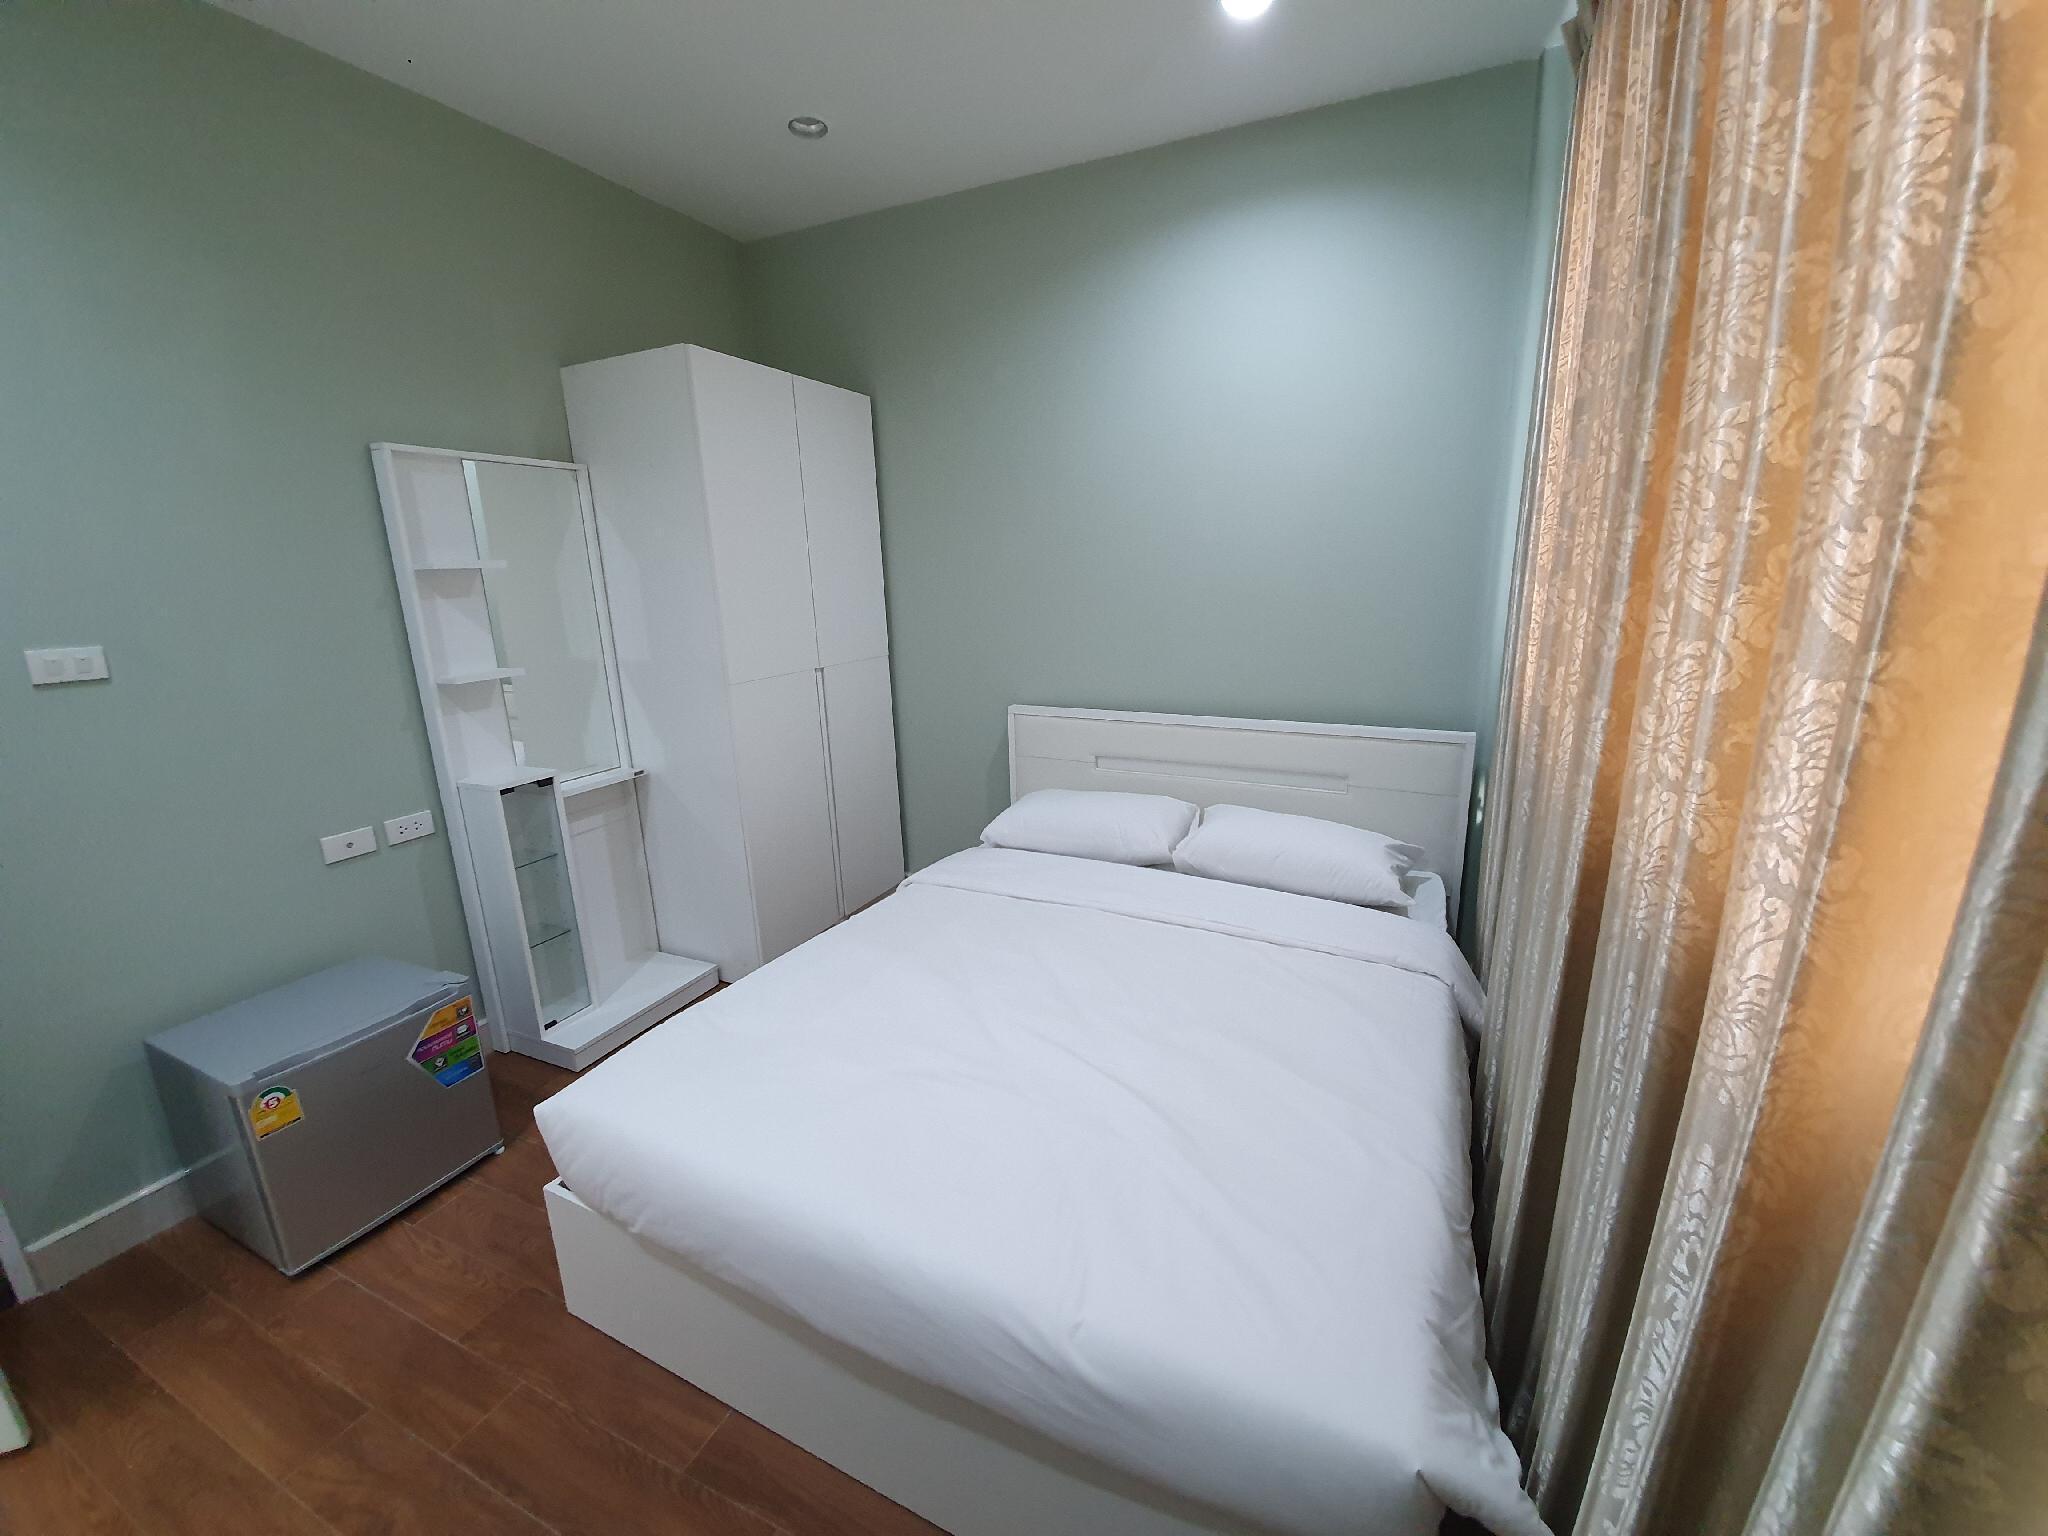 Baanpin & Cafe Hotel อพาร์ตเมนต์ 5 ห้องนอน 5 ห้องน้ำส่วนตัว ขนาด 15 ตร.ม. – เยาวราช